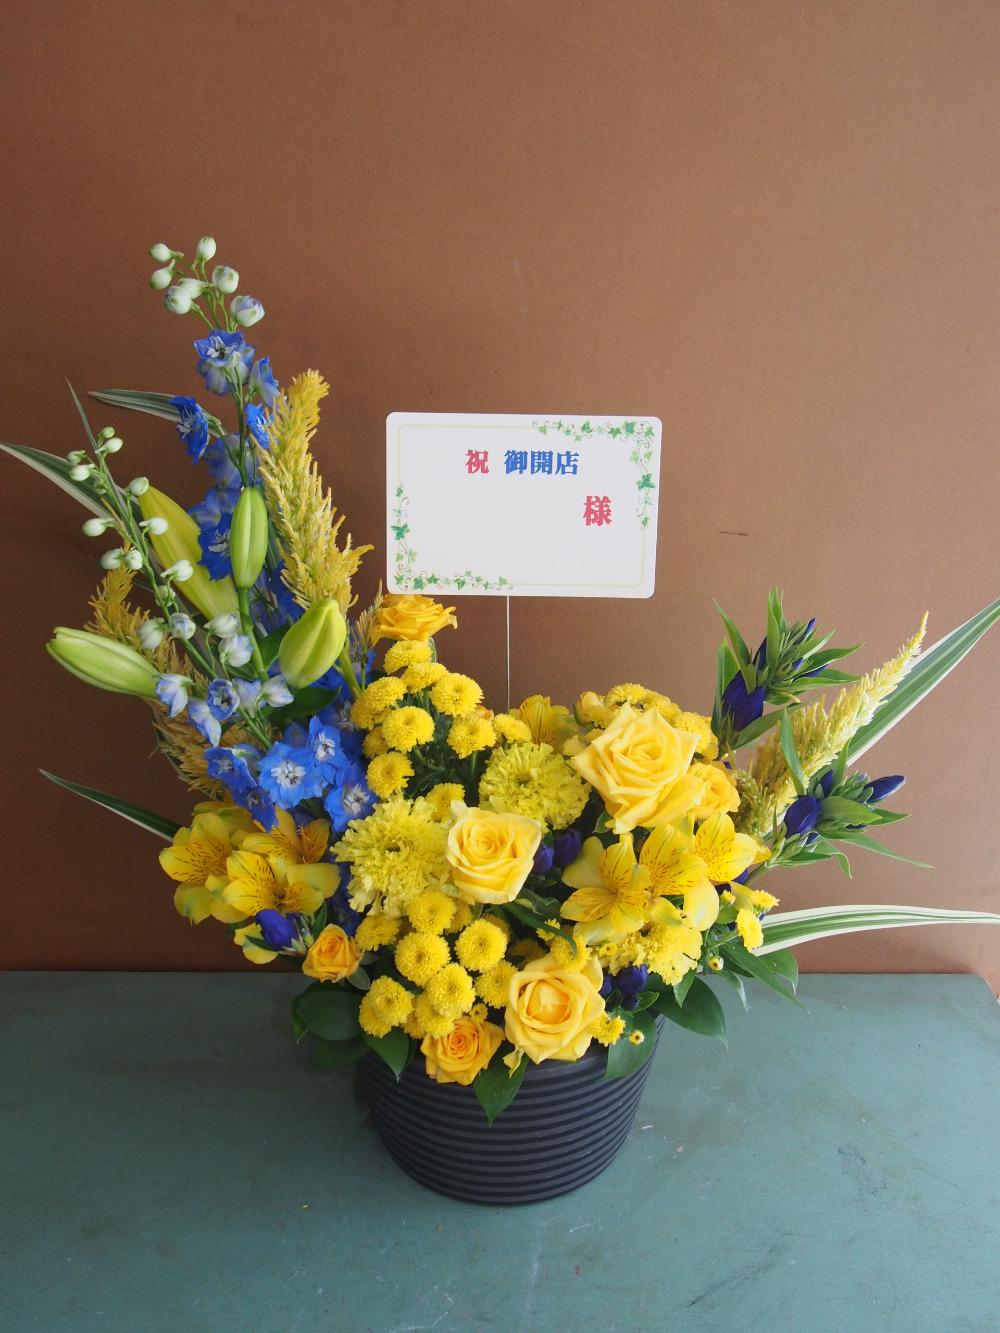 月をイメージした開店お祝い花